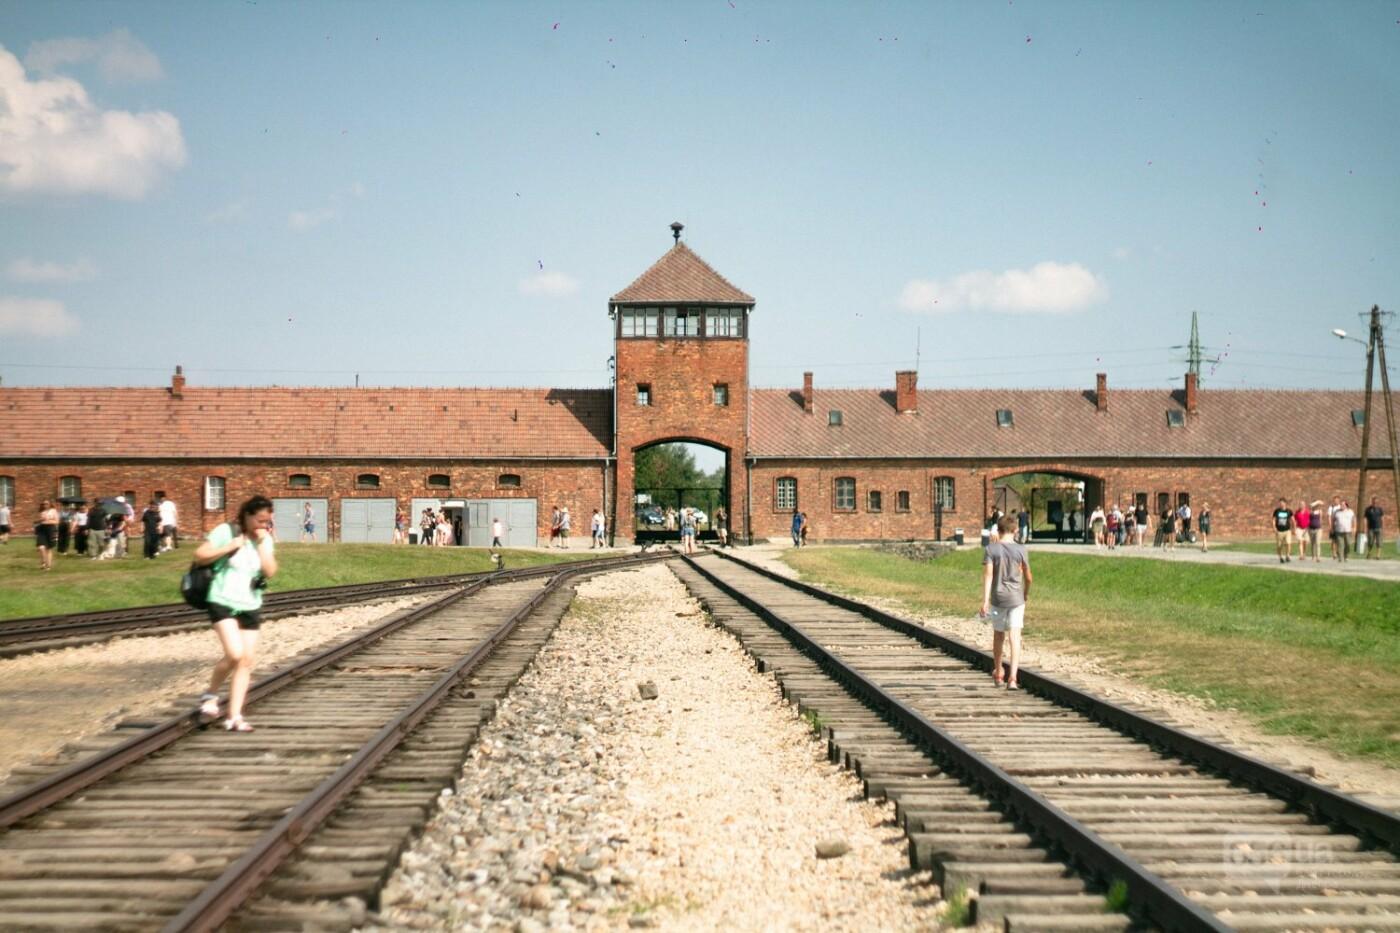 Приехать в Польшу и влюбиться, часть 1: мини-гайд по Кракову о жилье, транспорте и развлечениях, и экскурсия в Аушвиц-Биркенау , - ФОТО, фото-36